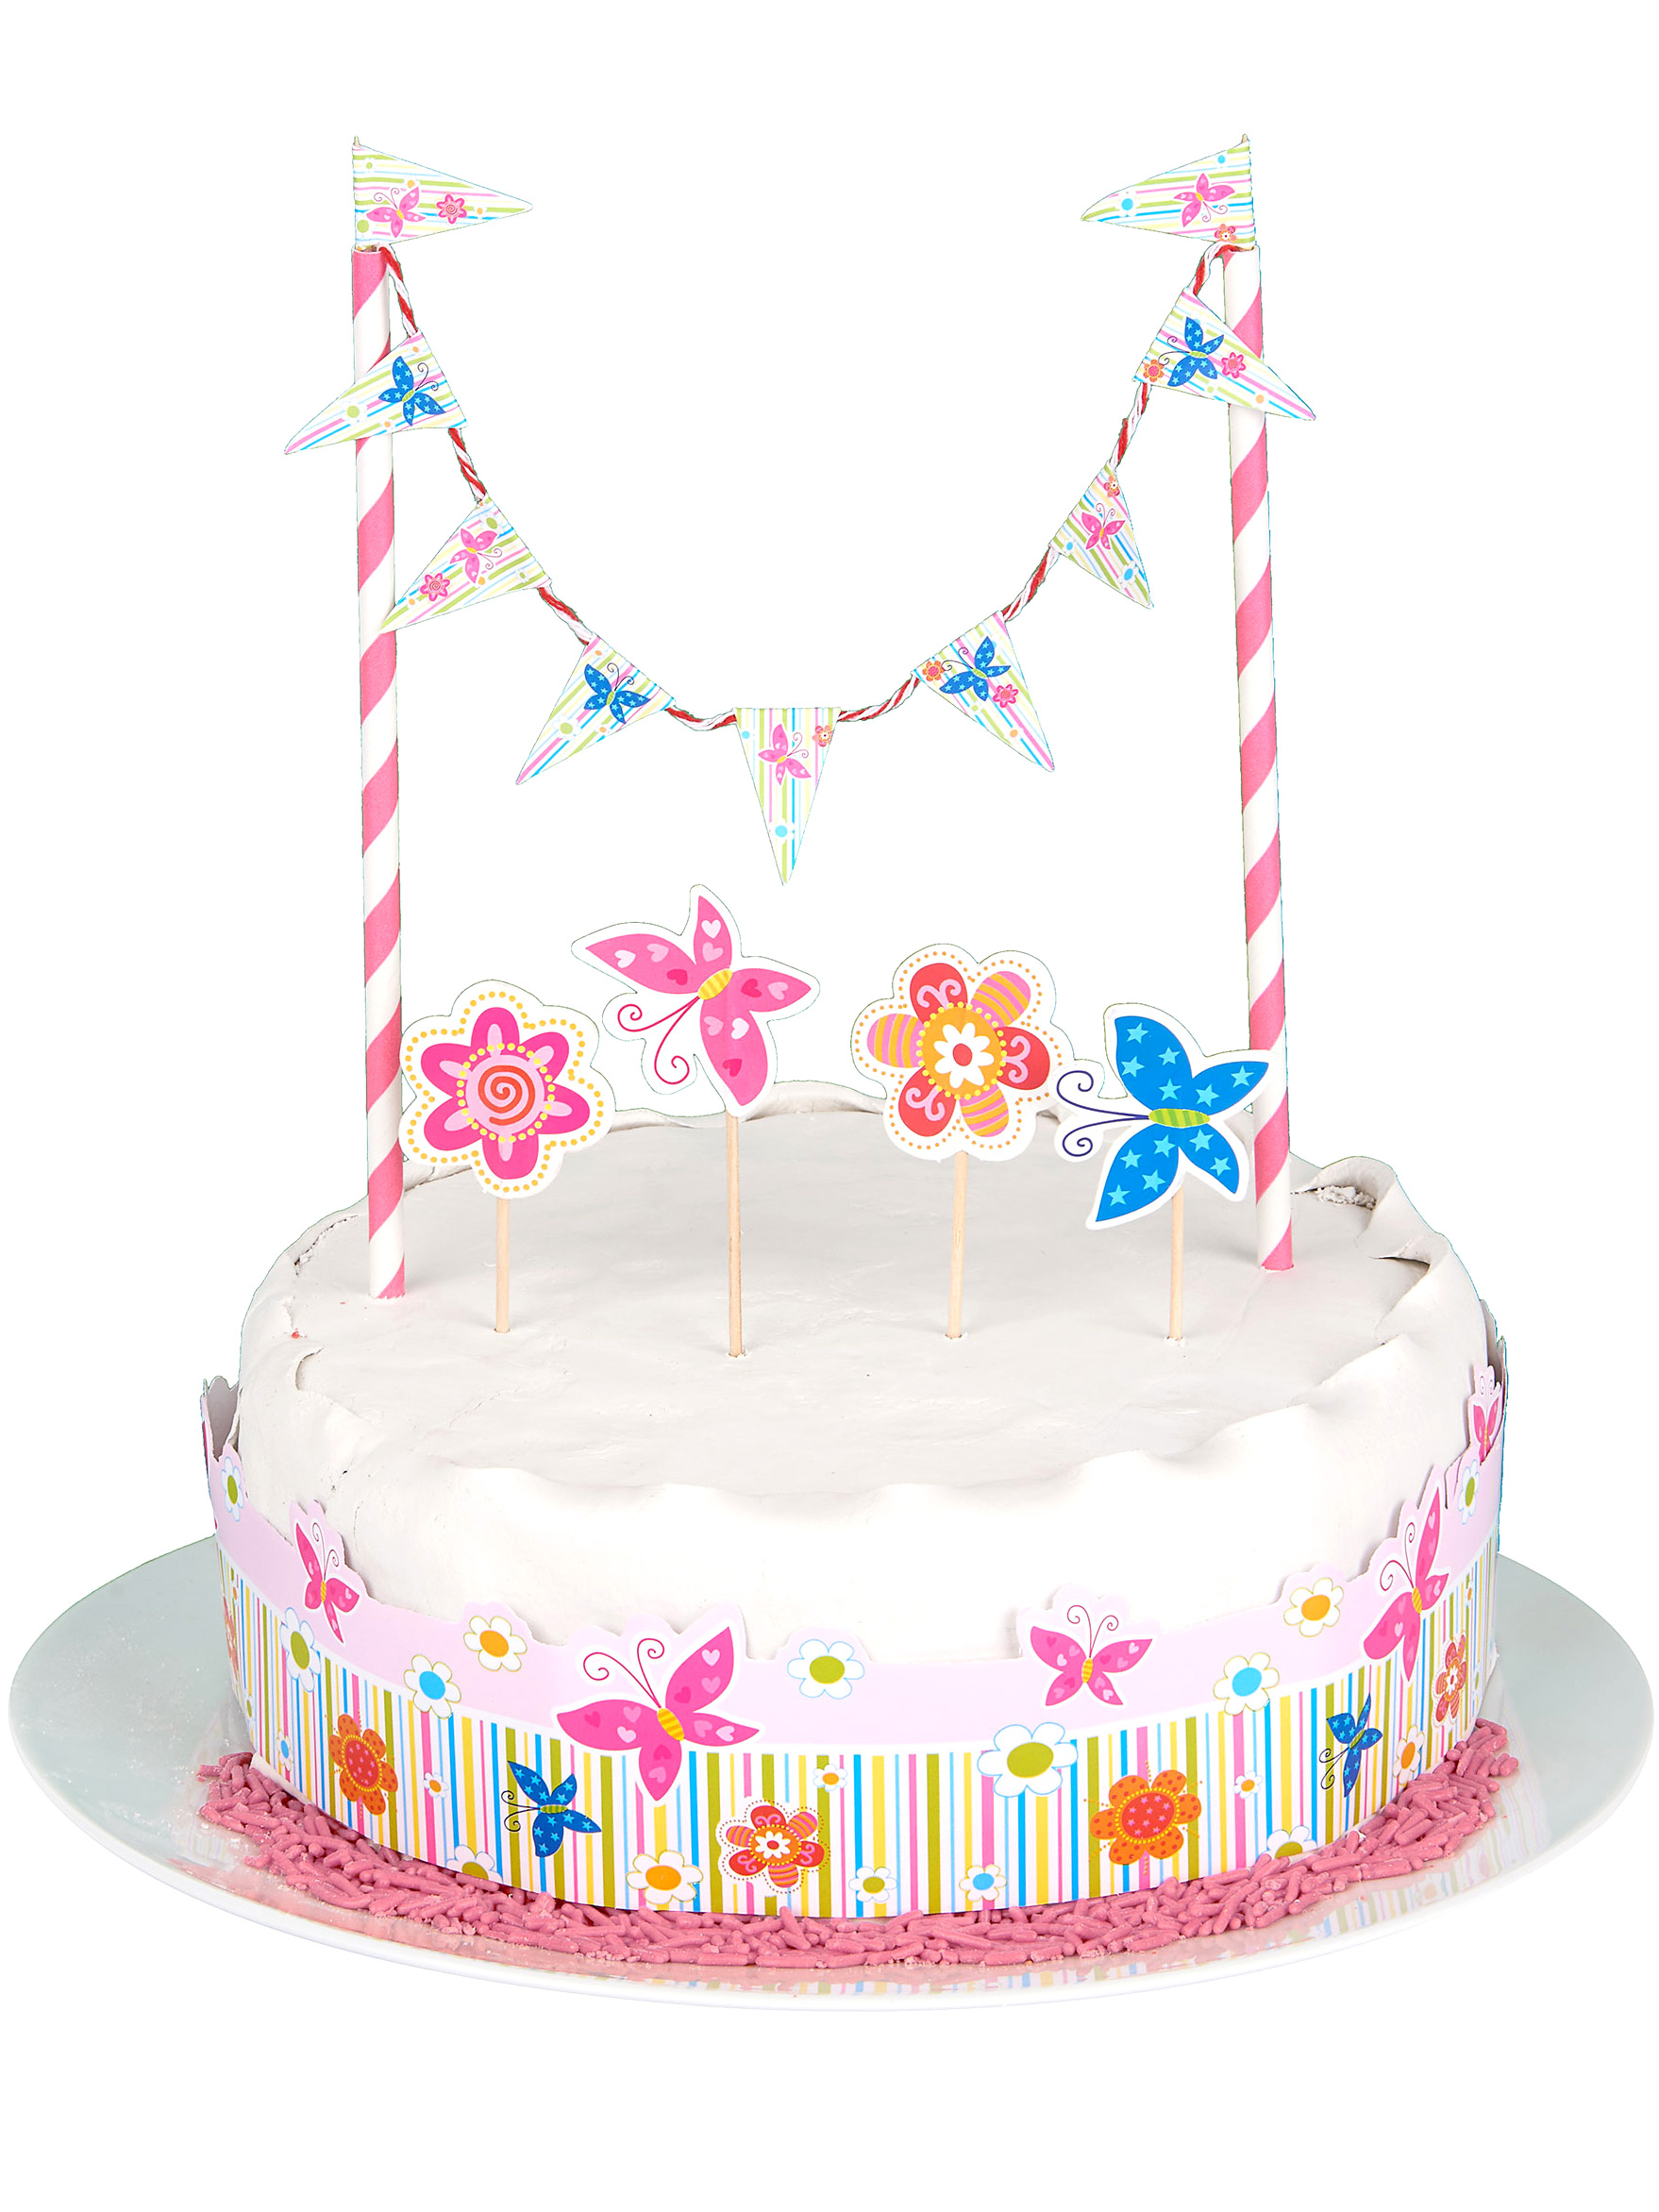 Kuchen Dekoration Geburtstag Fur Madchen 7 Teilig Bunt Gunstige